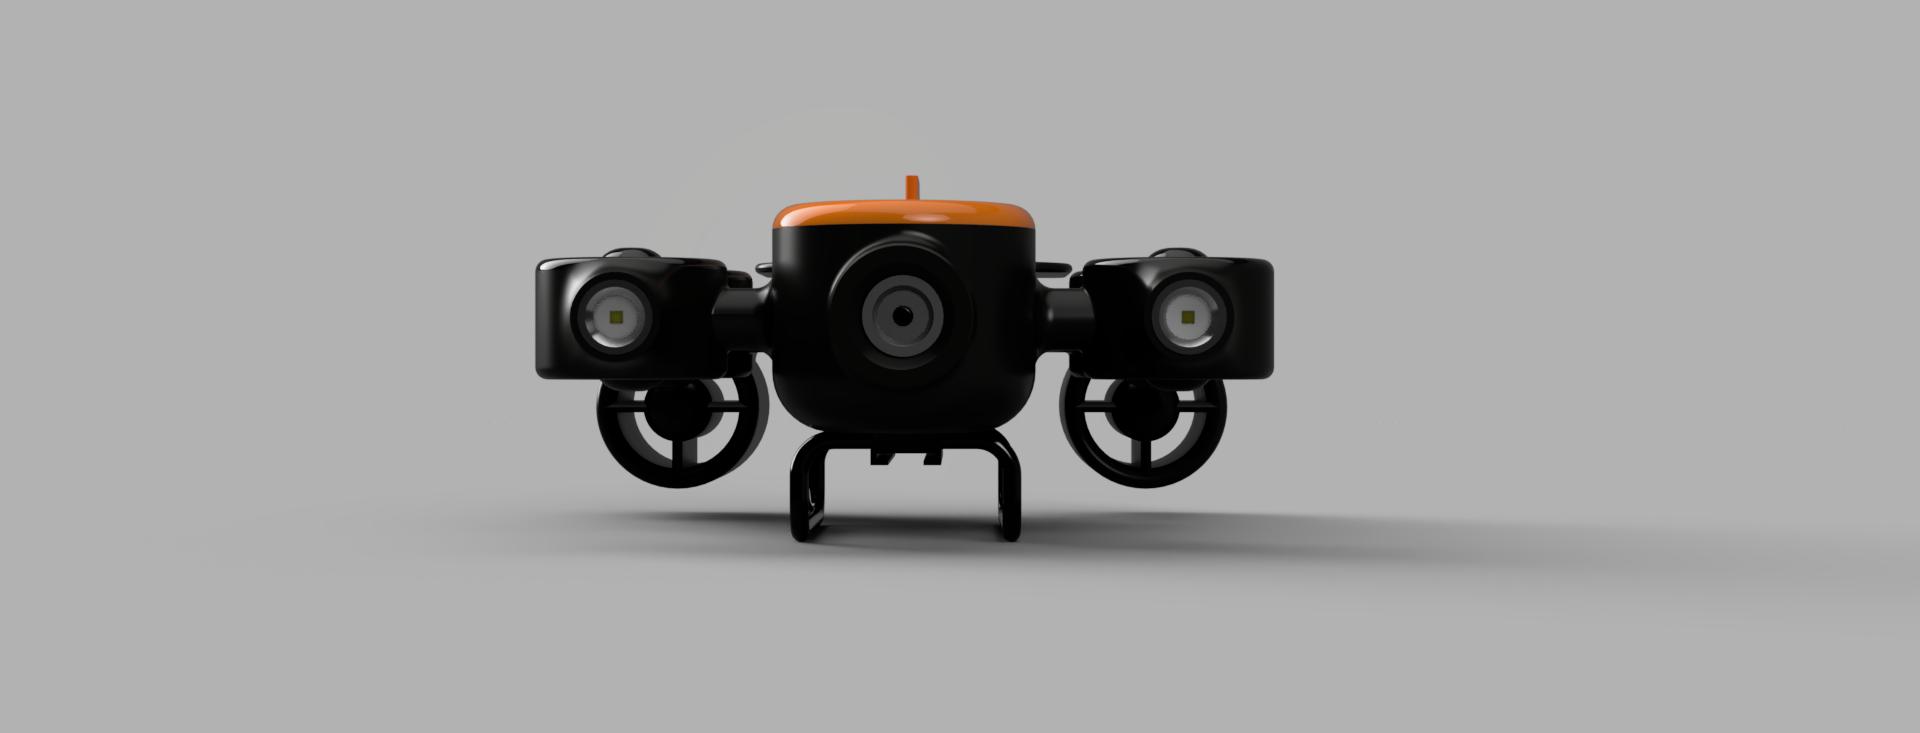 TITAN v1 ROV遥控无人潜水器造型3D数模图纸 STEP IGS格式